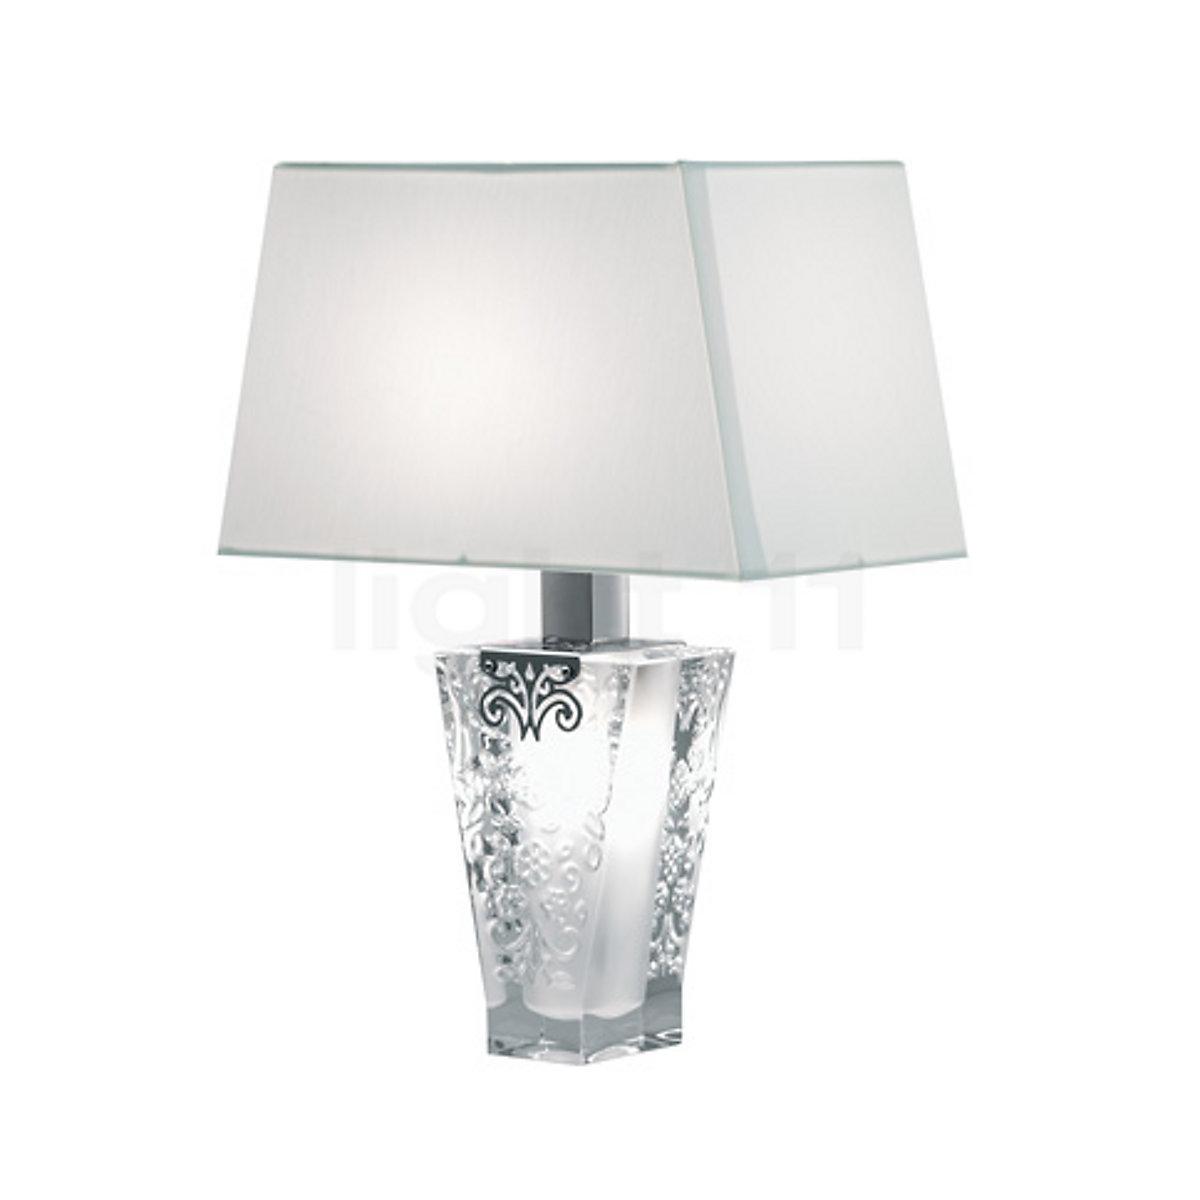 Petites Lampes De Table Fabbian Vicky Lampe De Table Avec Abat Jour